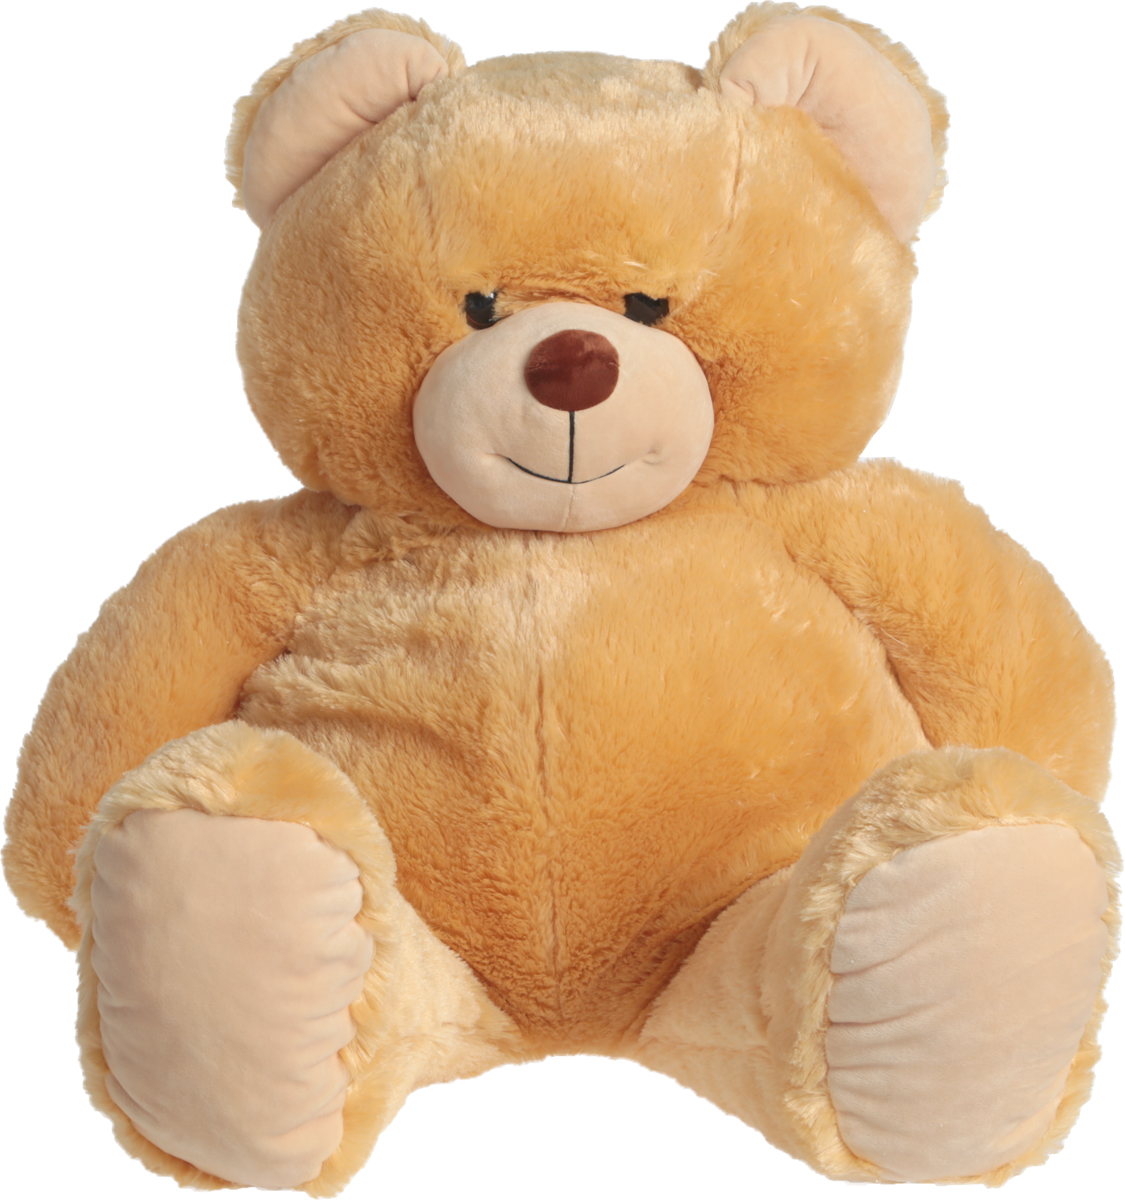 СмолТойс Мягкая игрушка Медведь цвет светло-бежевый 103 см